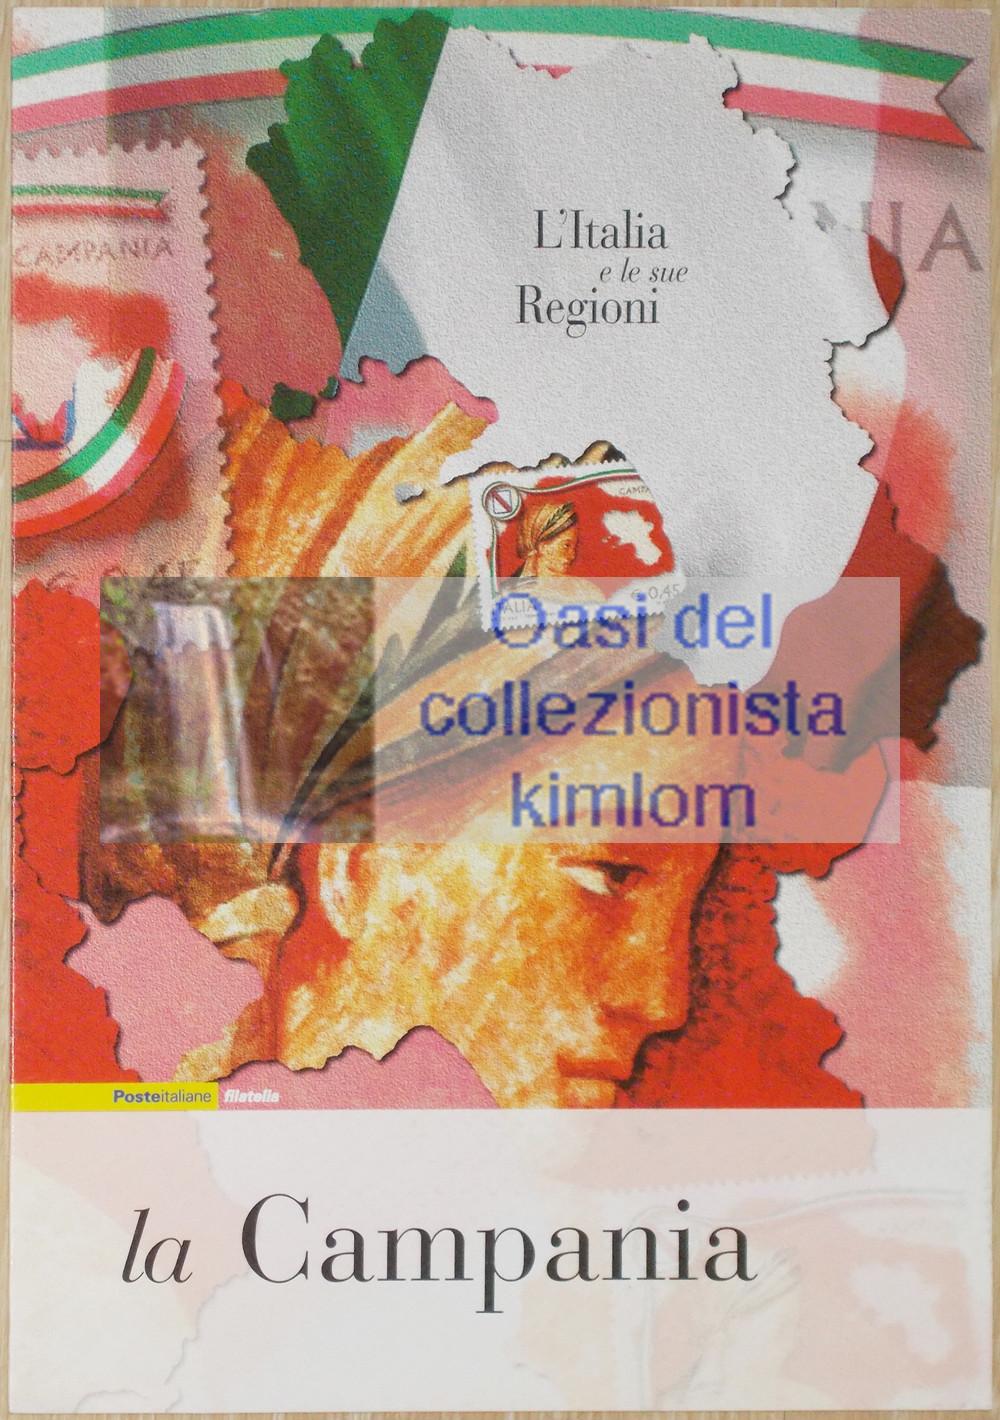 folder - L'Italia e le sue Regioni - La Campania